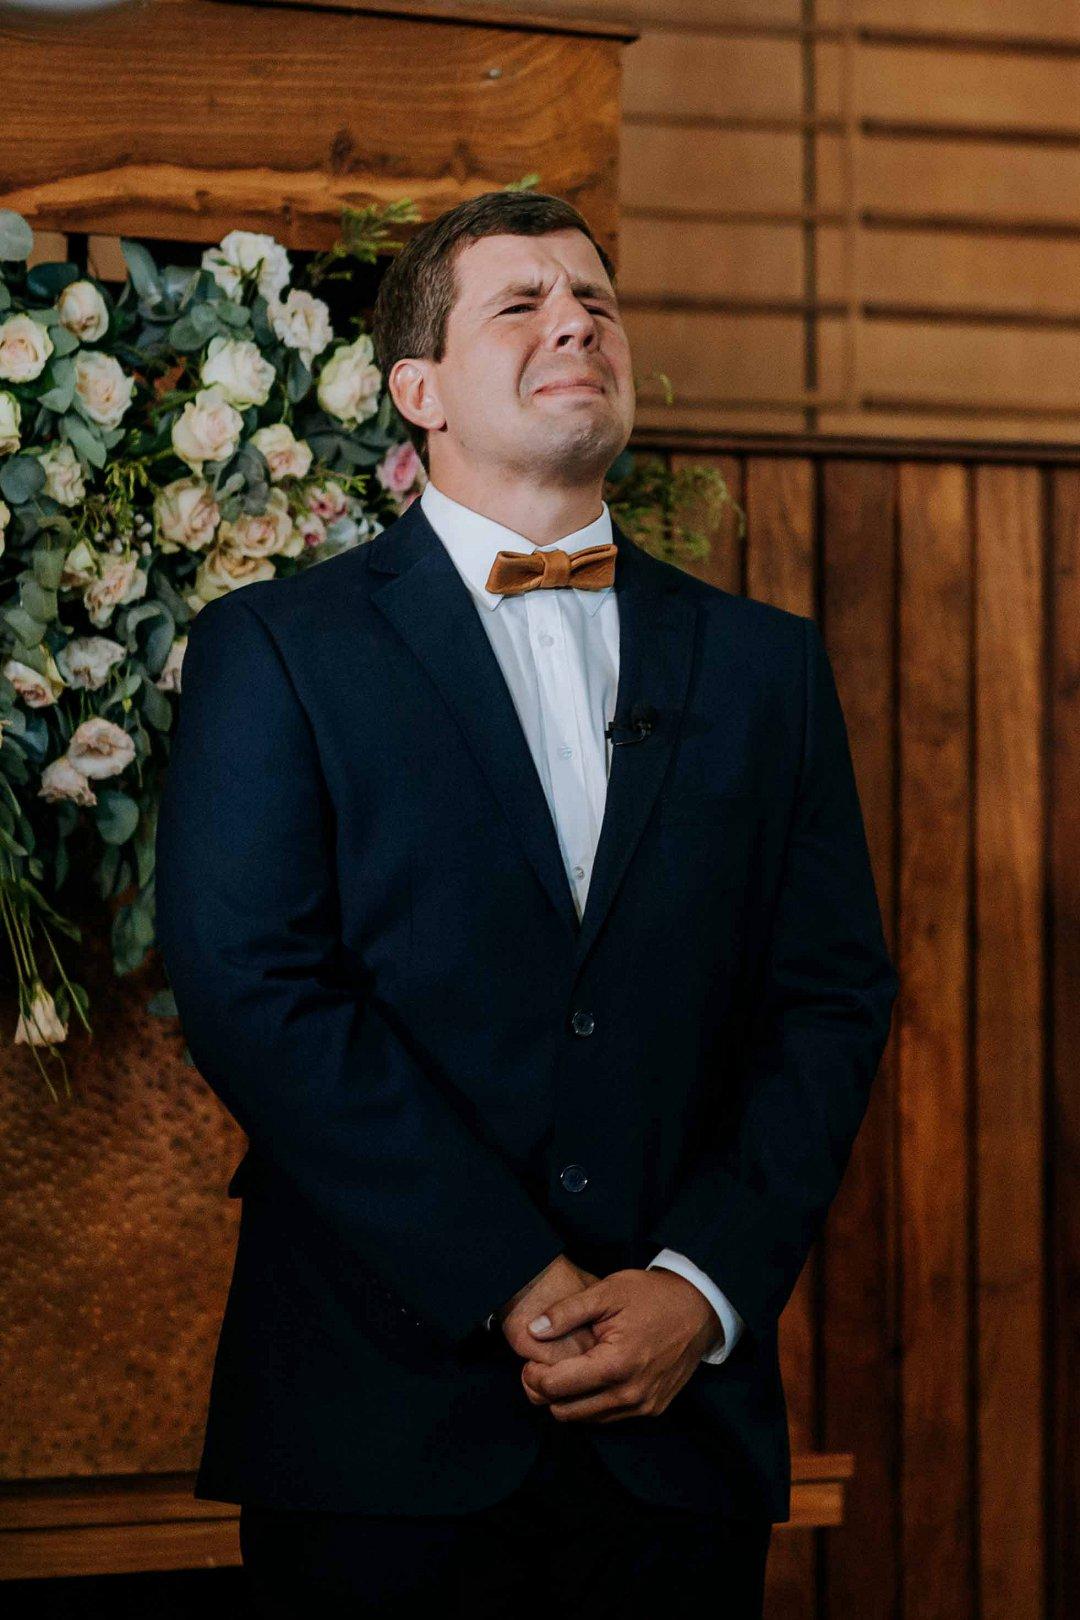 emotional groom at altar